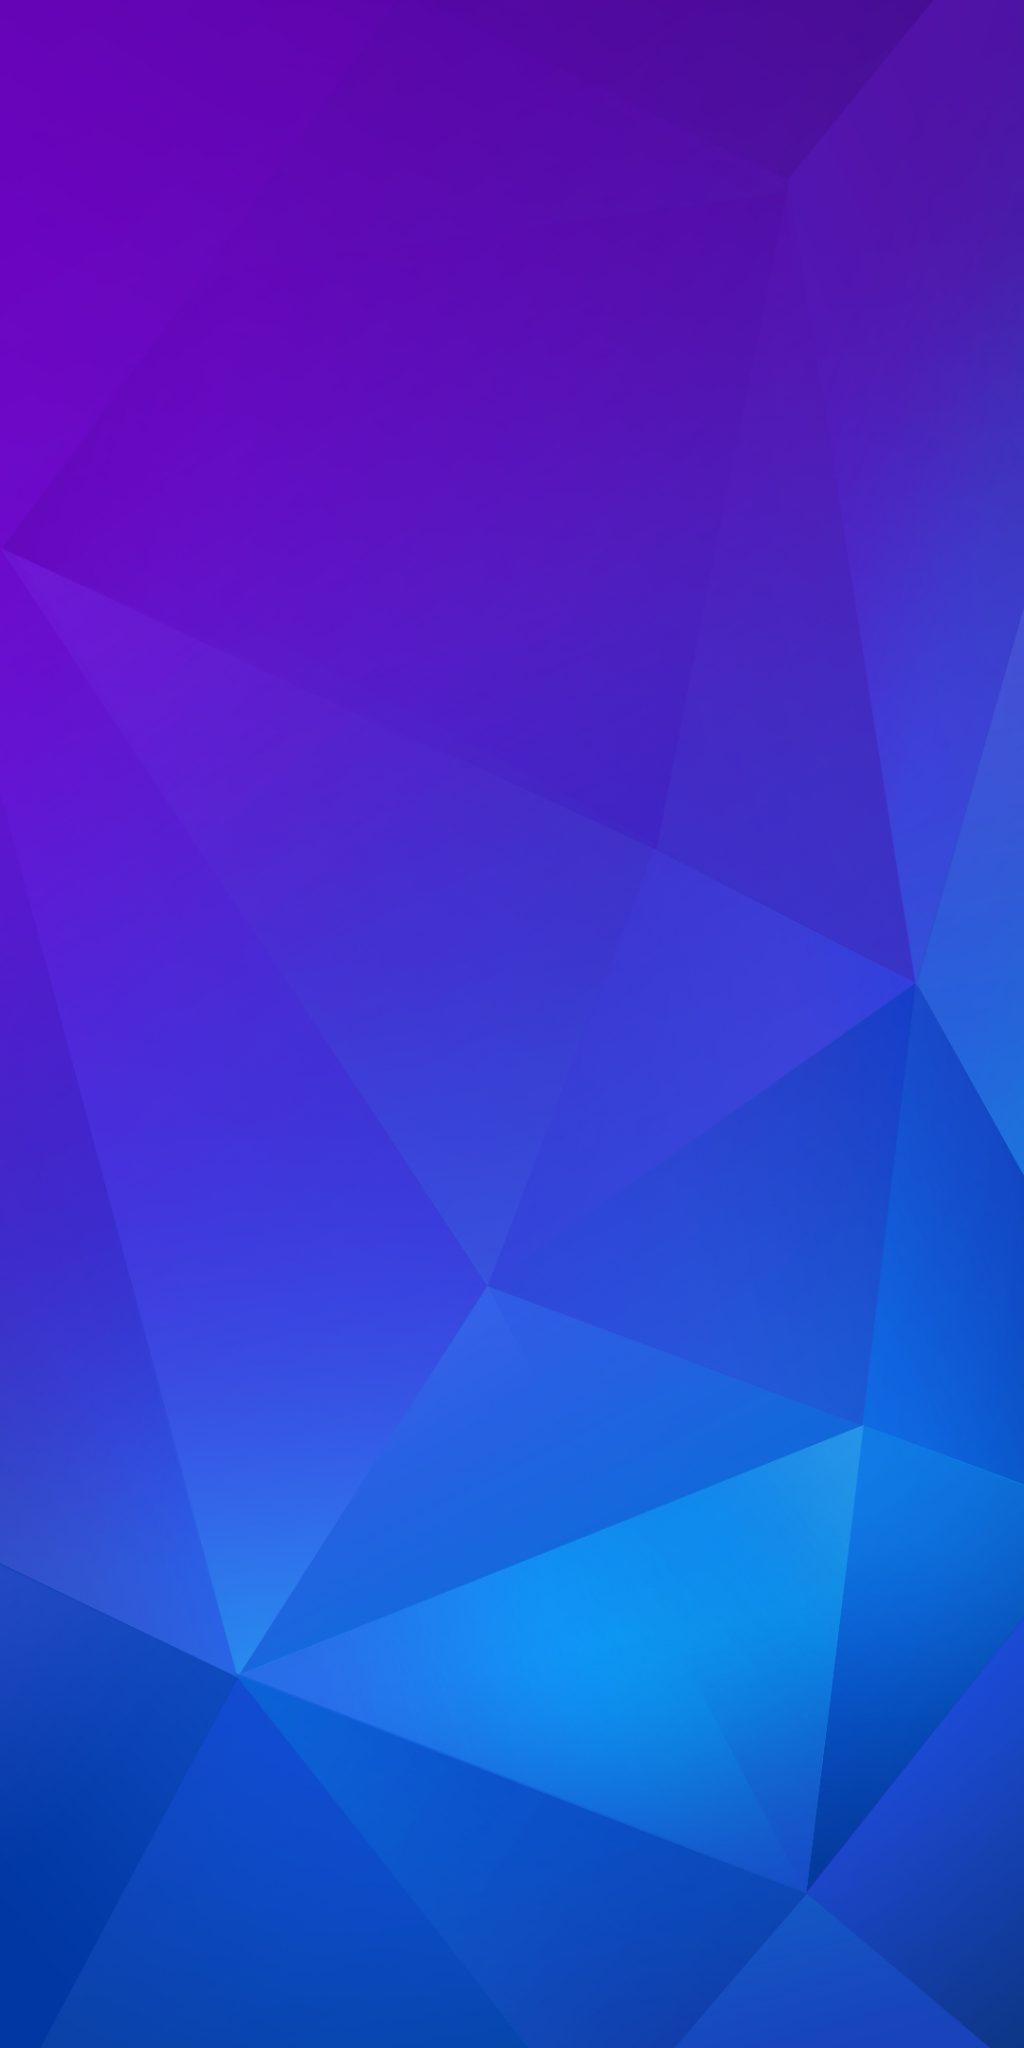 Oppo-Realme-Wall-TechFoogle-06